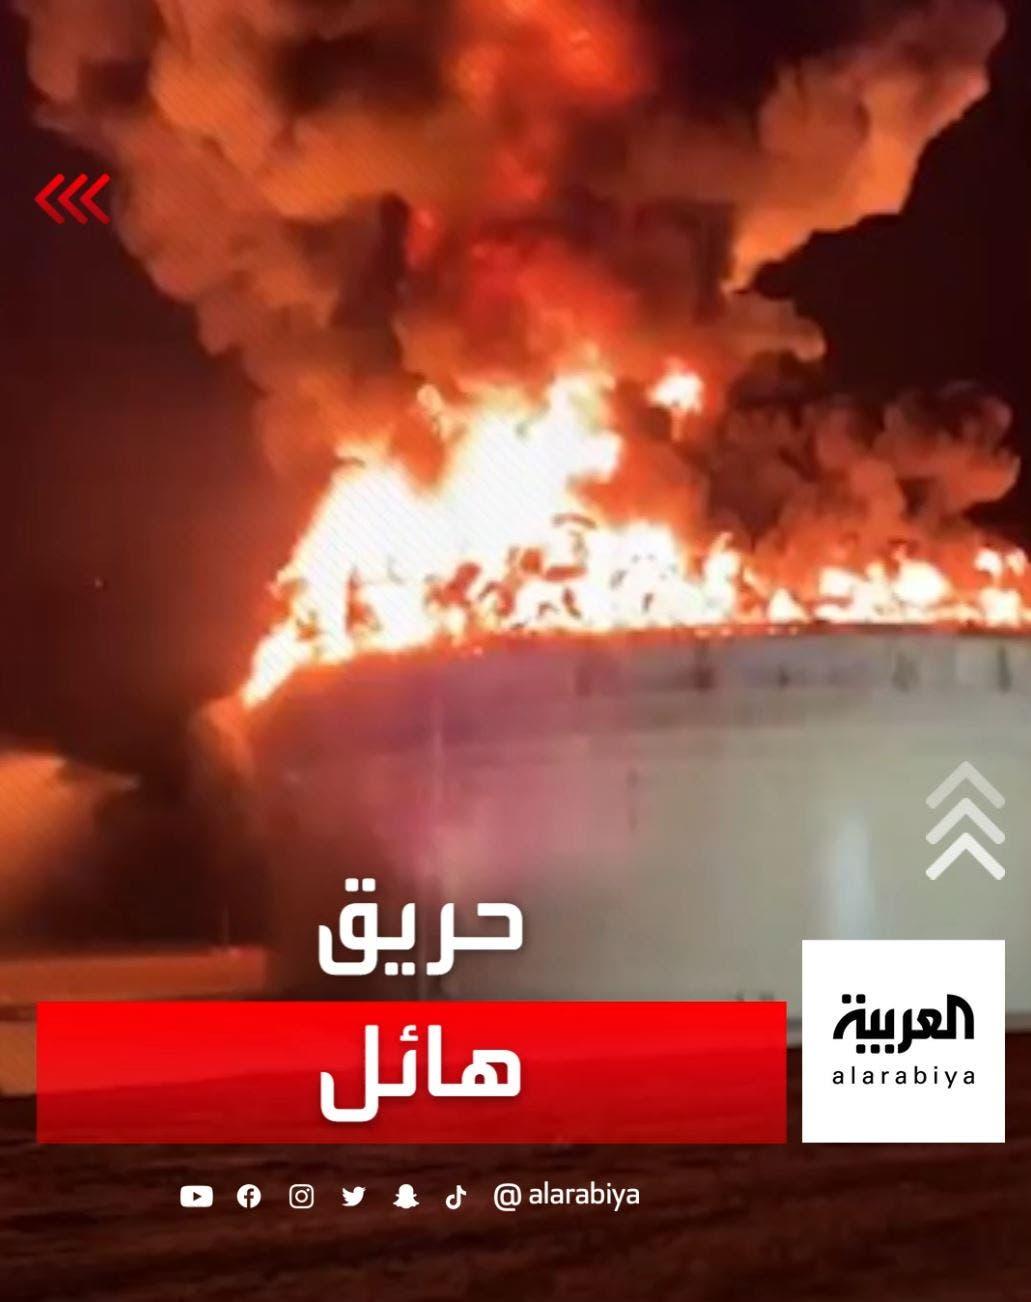 یکی از این موشک ها به تأسیسات نفتی در اشکلون اصابت می کند و اسرائیل می گوید این آتش سوزی می تواند روزها ادامه داشته باشد